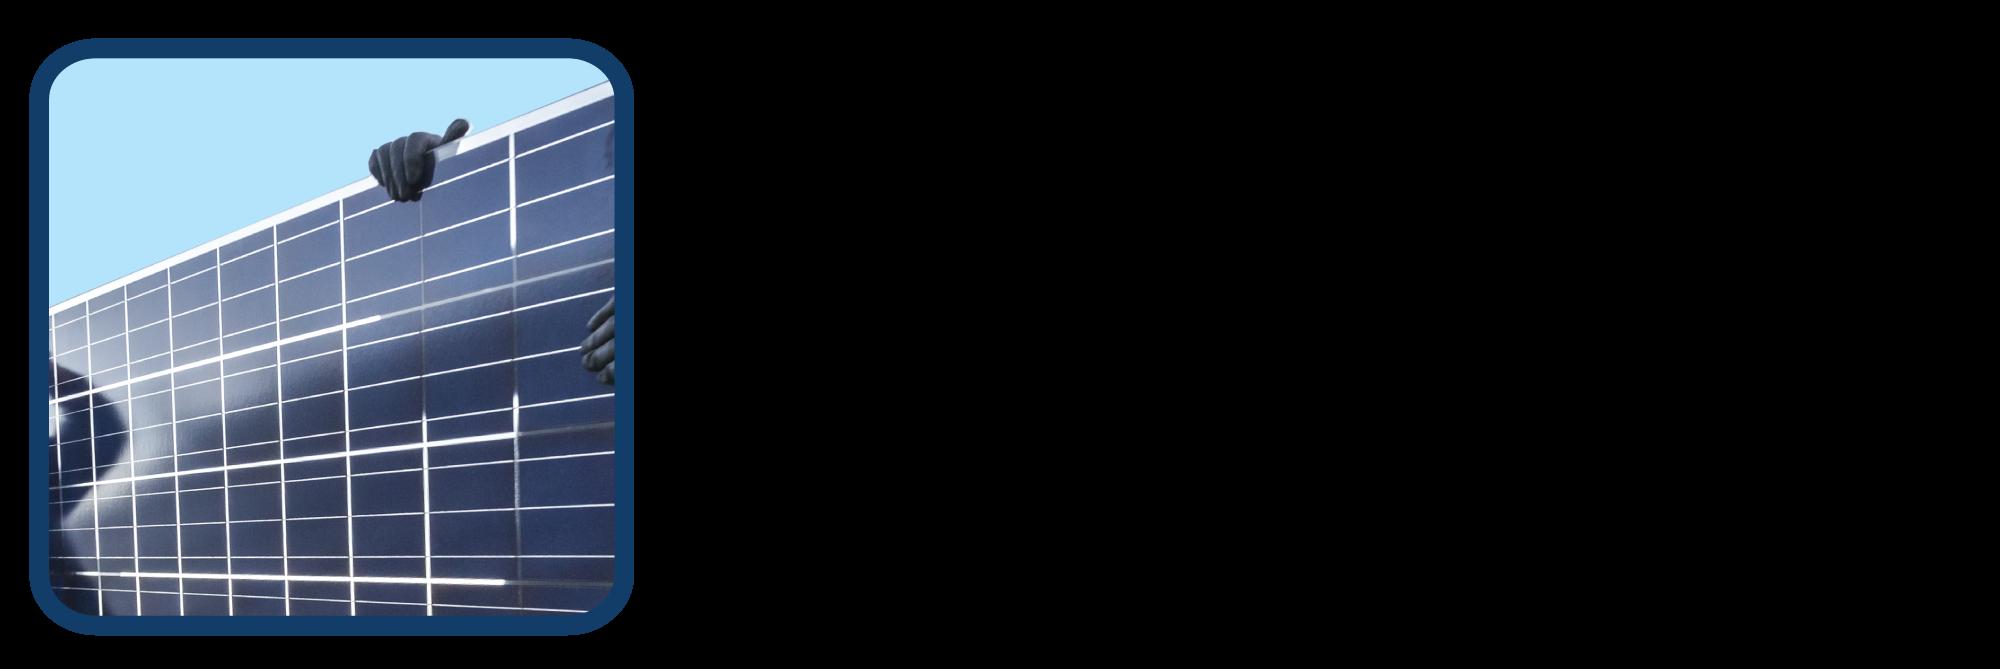 Kjell-Logo-22.04.2016-2-2000px